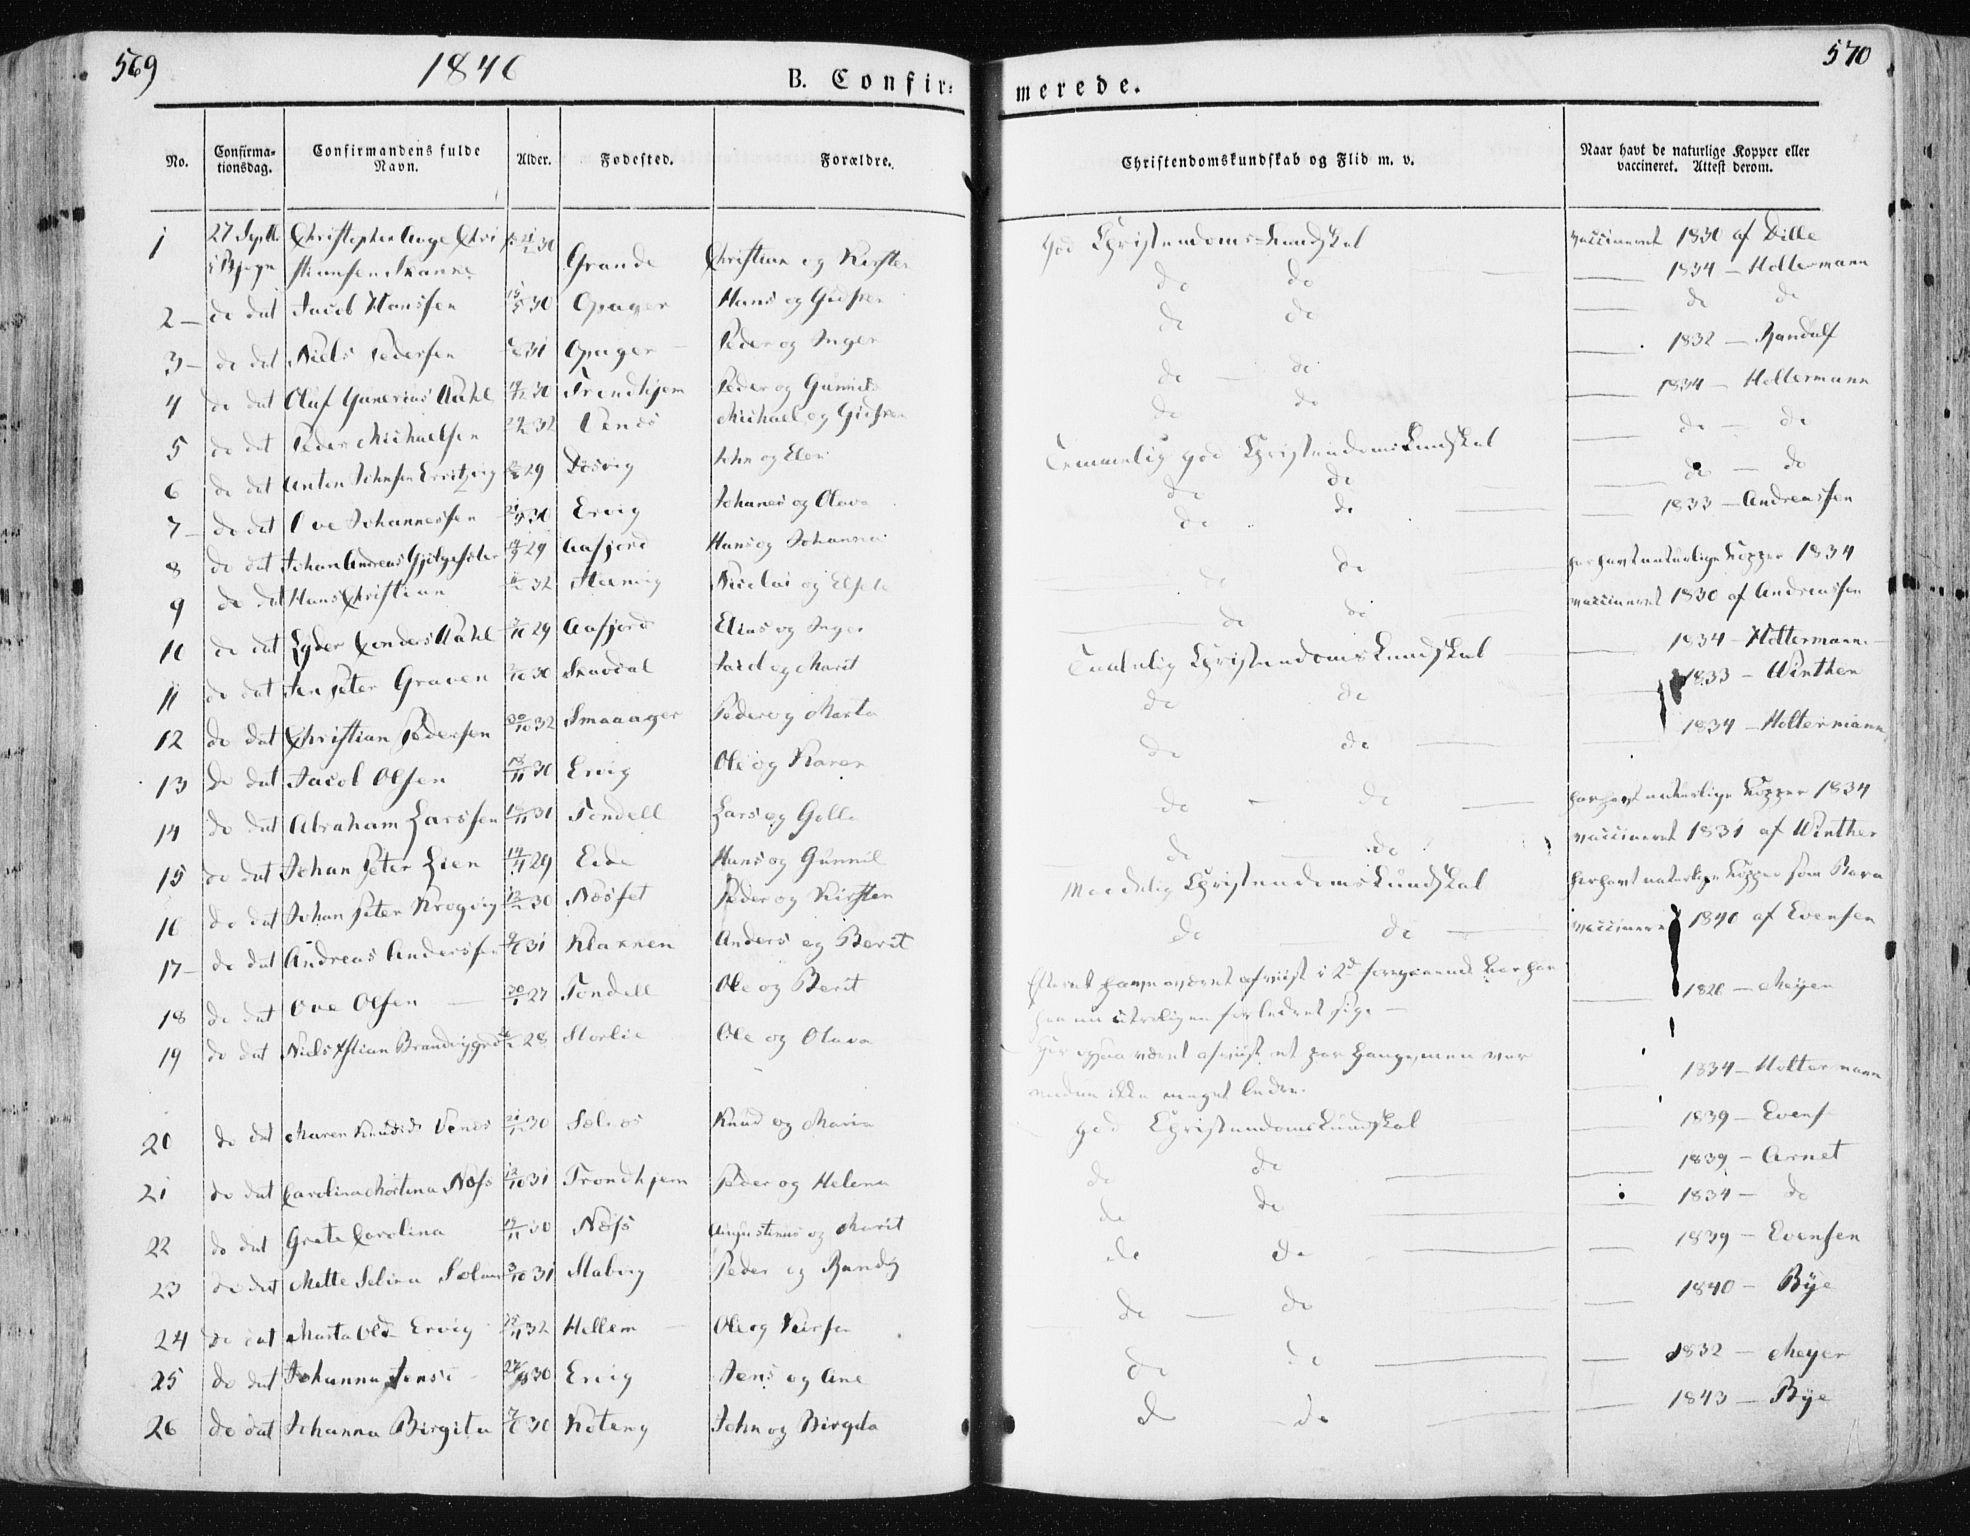 SAT, Ministerialprotokoller, klokkerbøker og fødselsregistre - Sør-Trøndelag, 659/L0736: Ministerialbok nr. 659A06, 1842-1856, s. 569-570